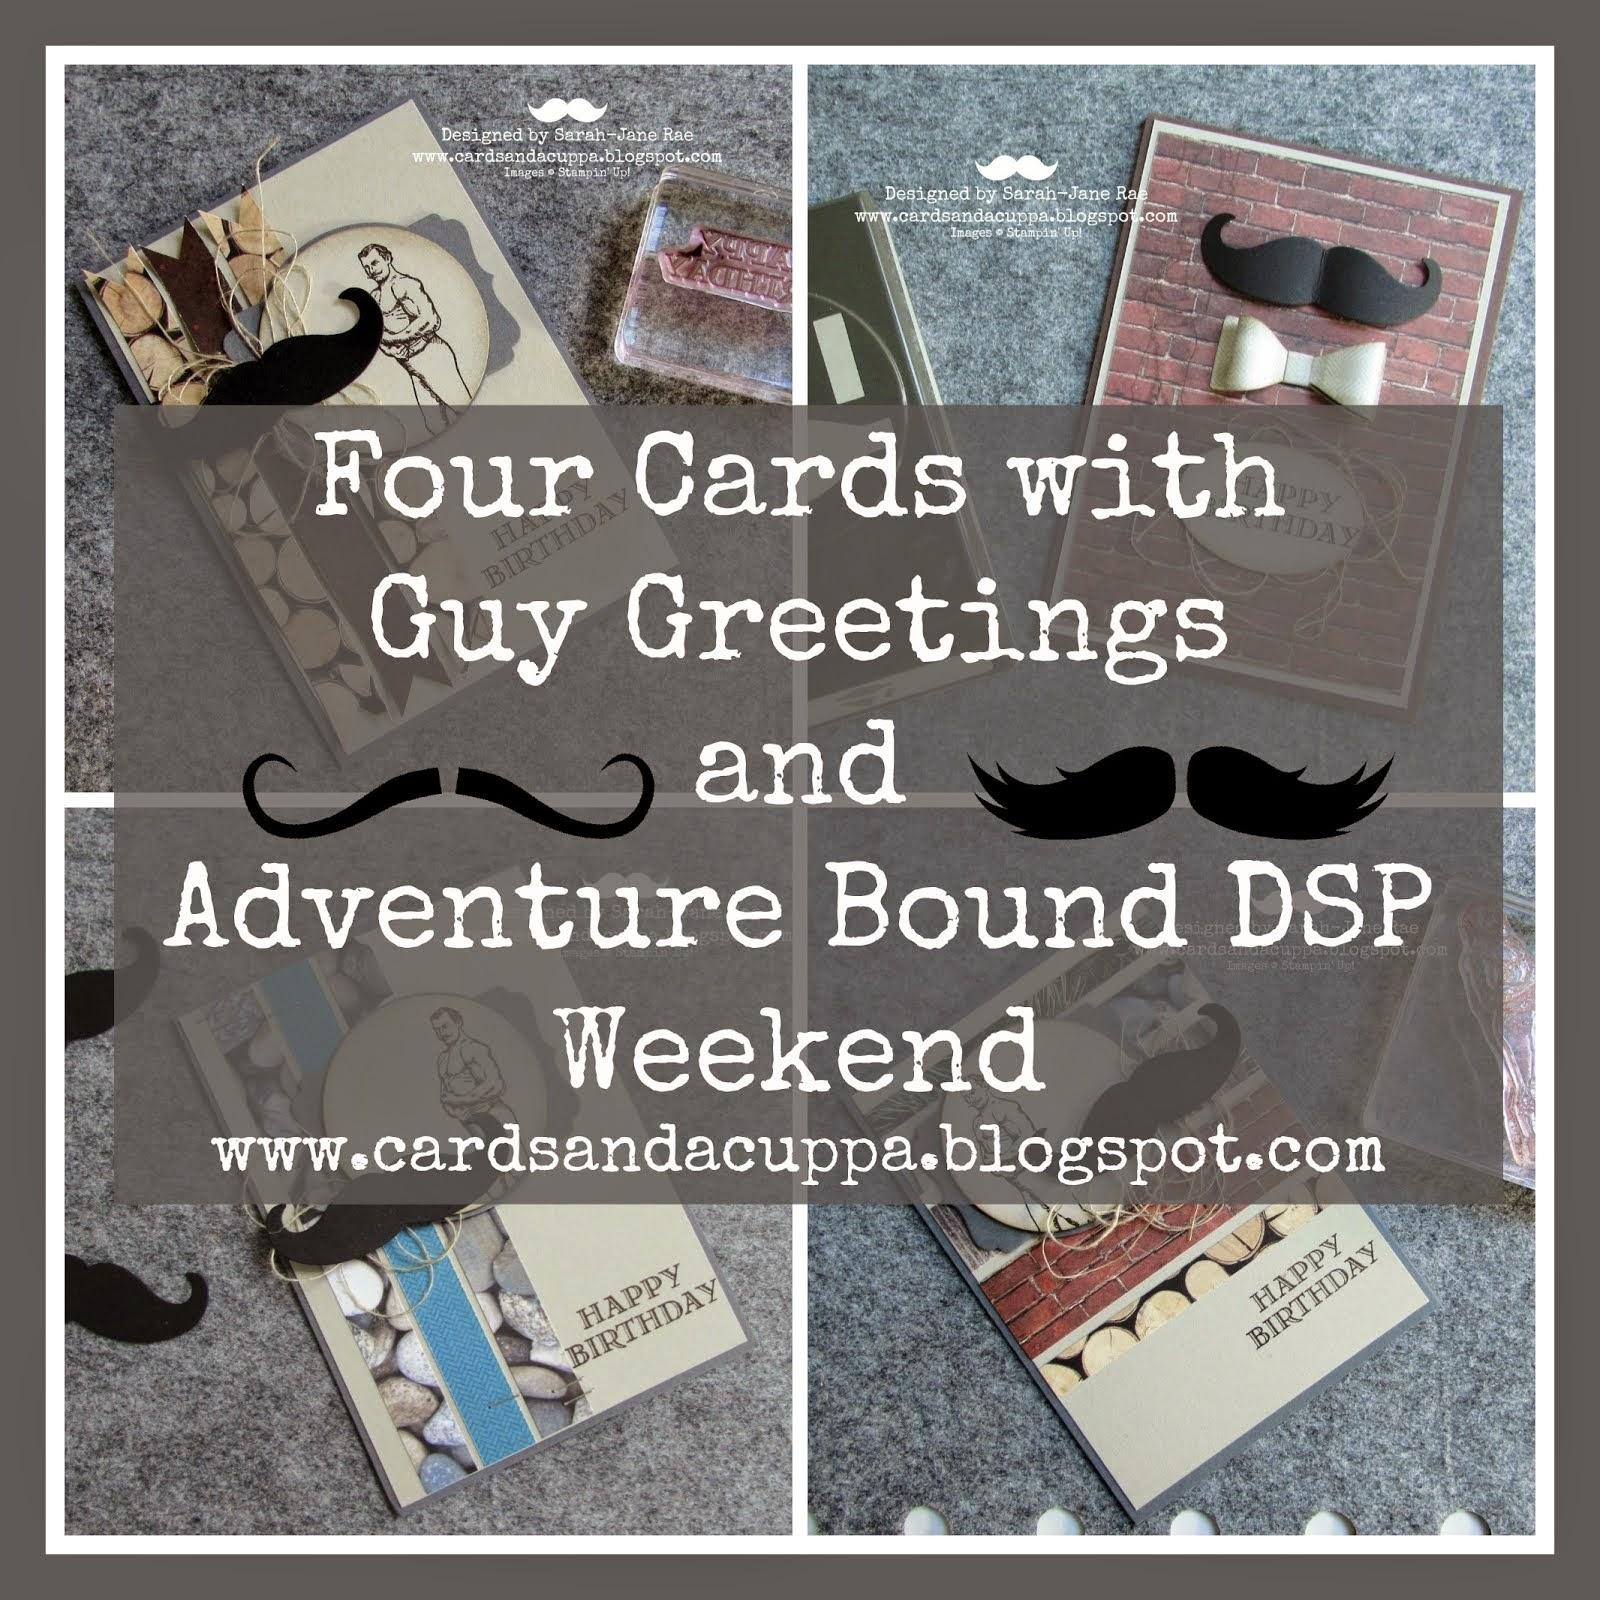 A Weekend of Guy Grretings